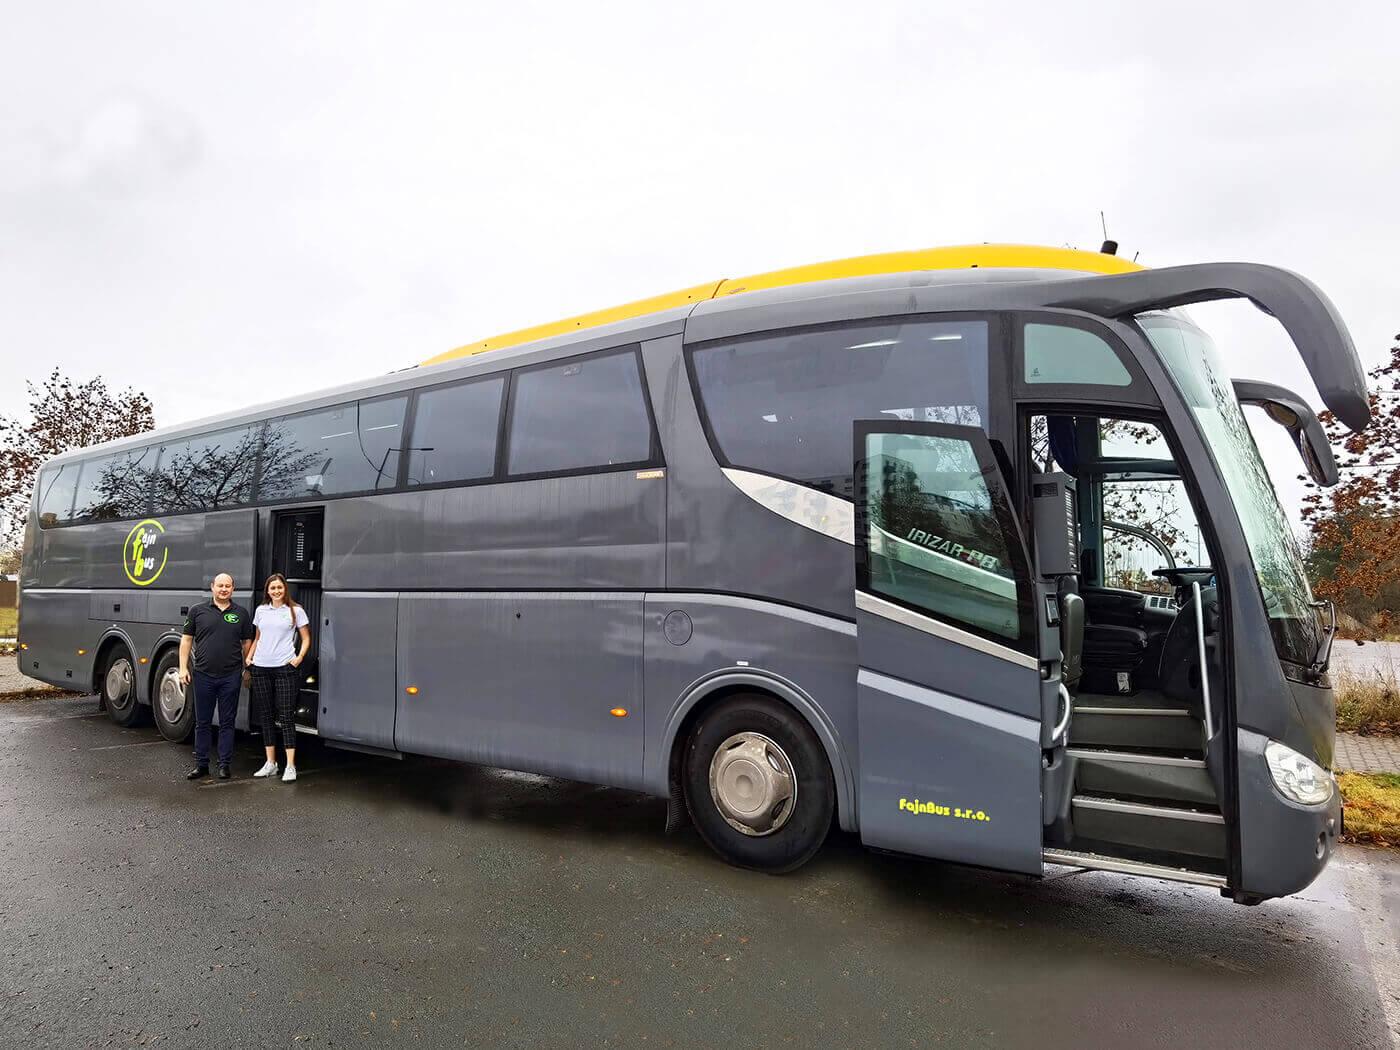 autobus-fajnbus